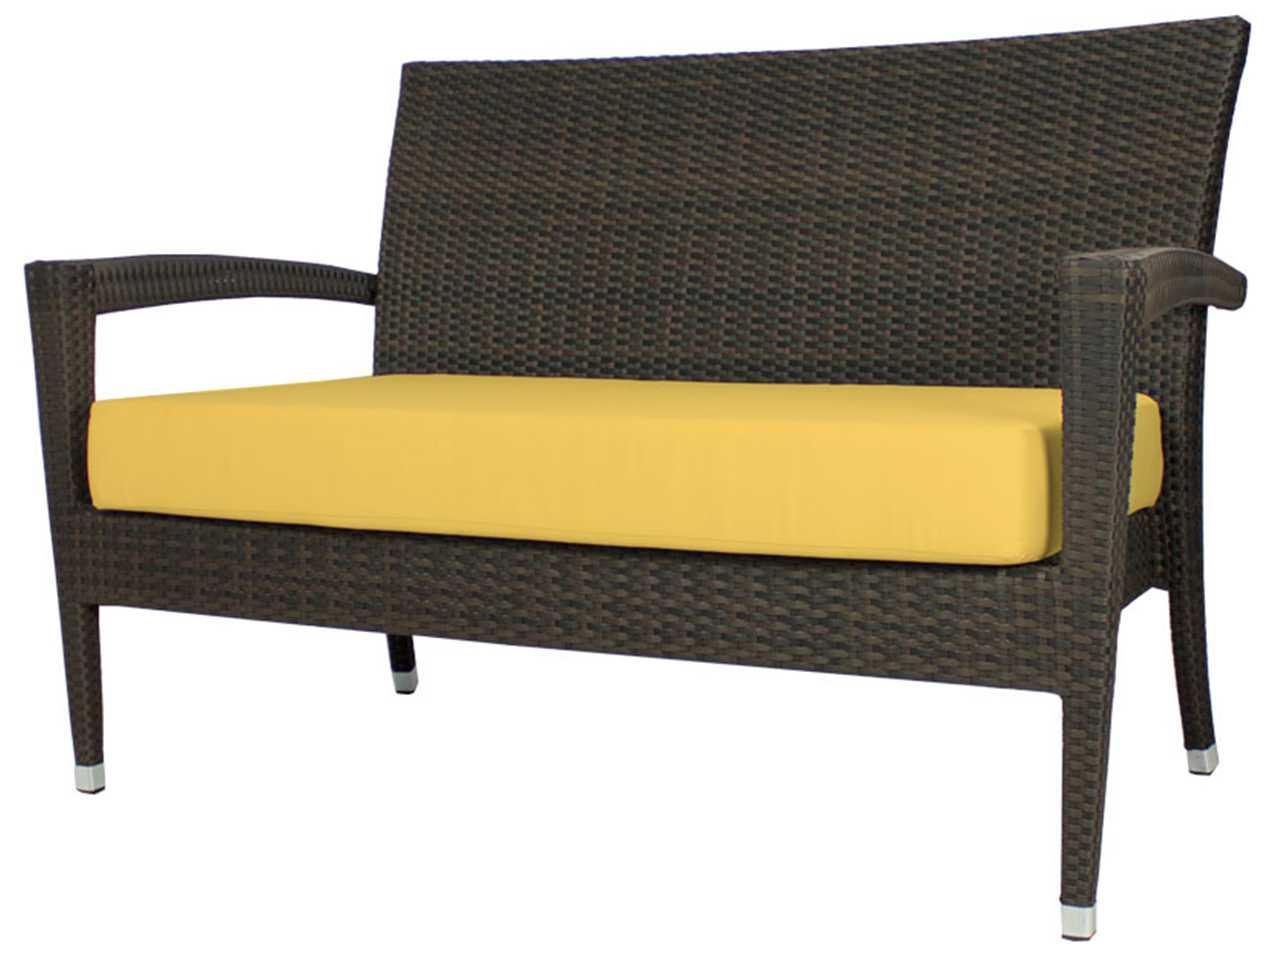 Source outdoor furniture zen wicker loveseat so 2002 102 for Source outdoor furniture